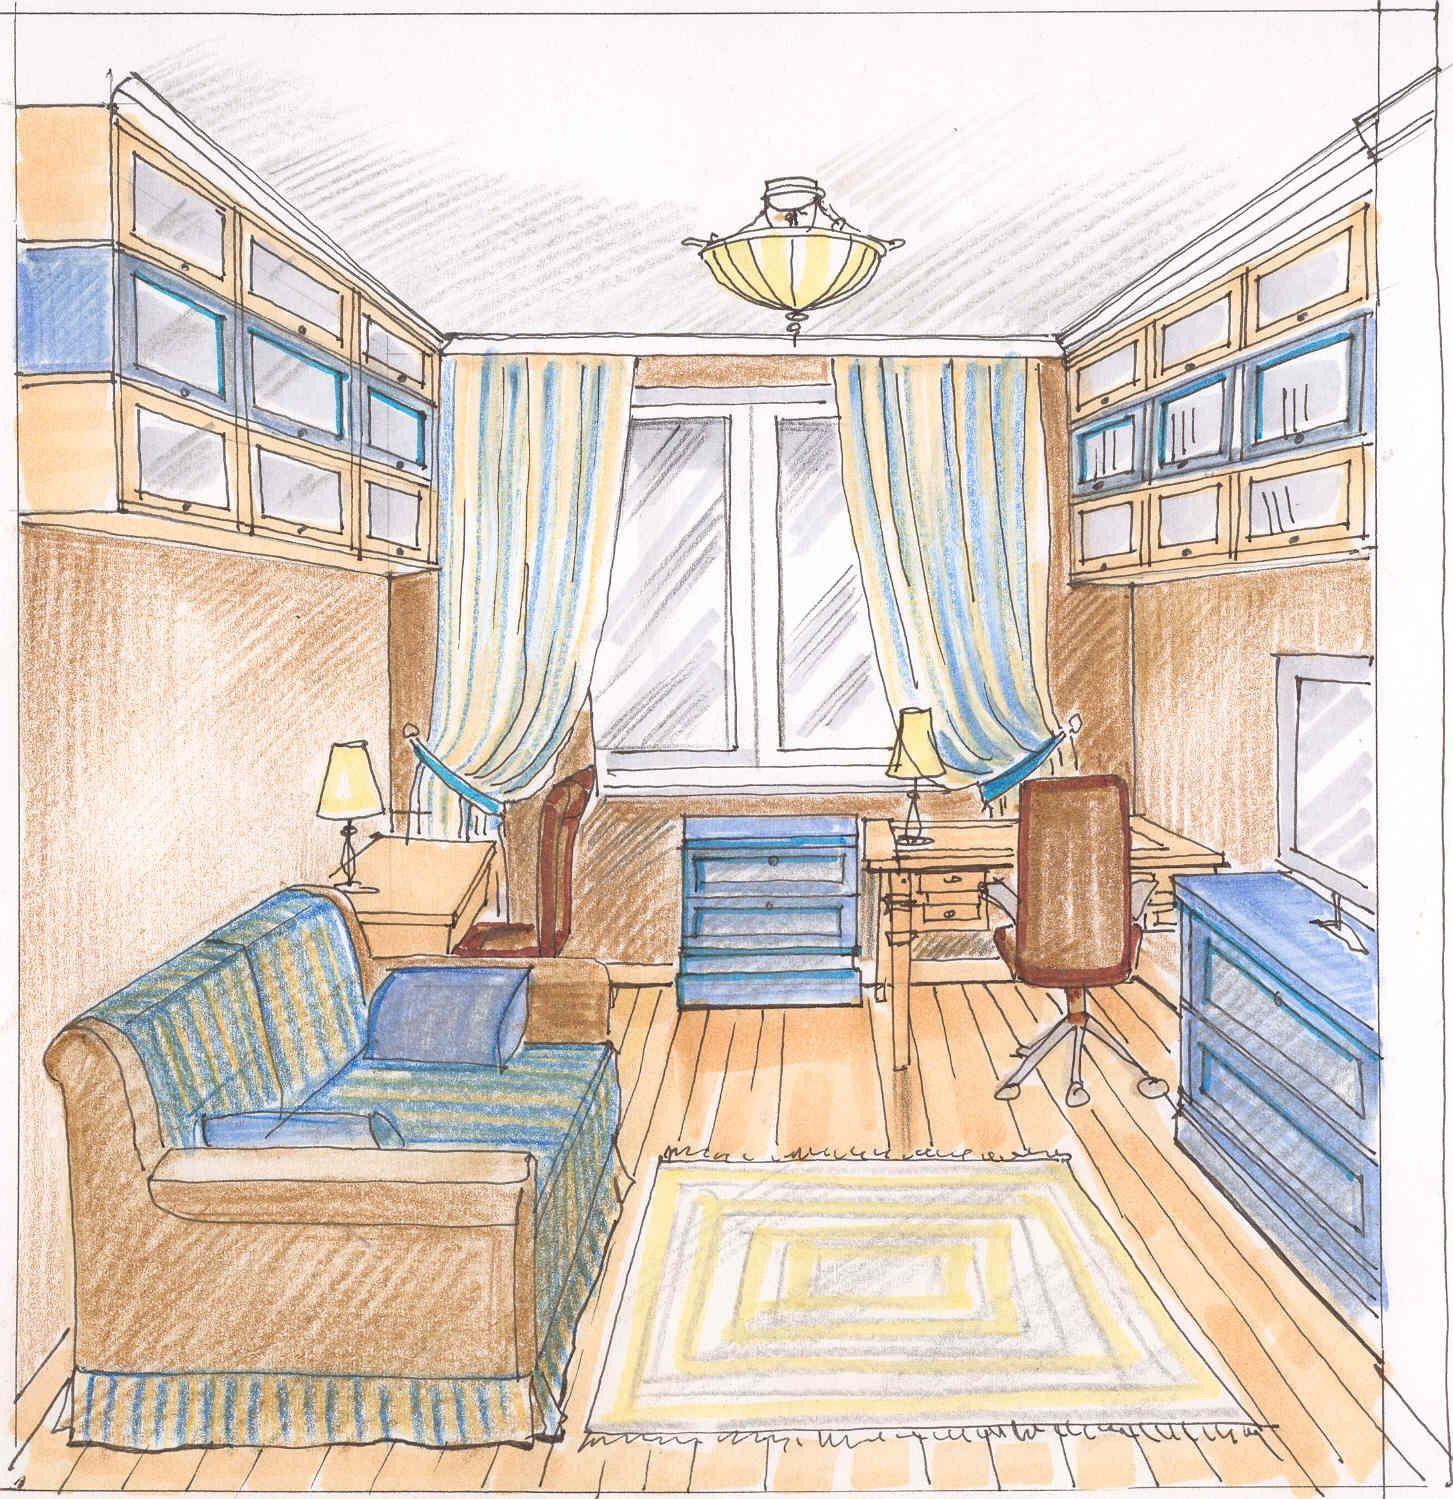 рисунок дизайна детской комнаты варианты дизайна в 2019 г Home